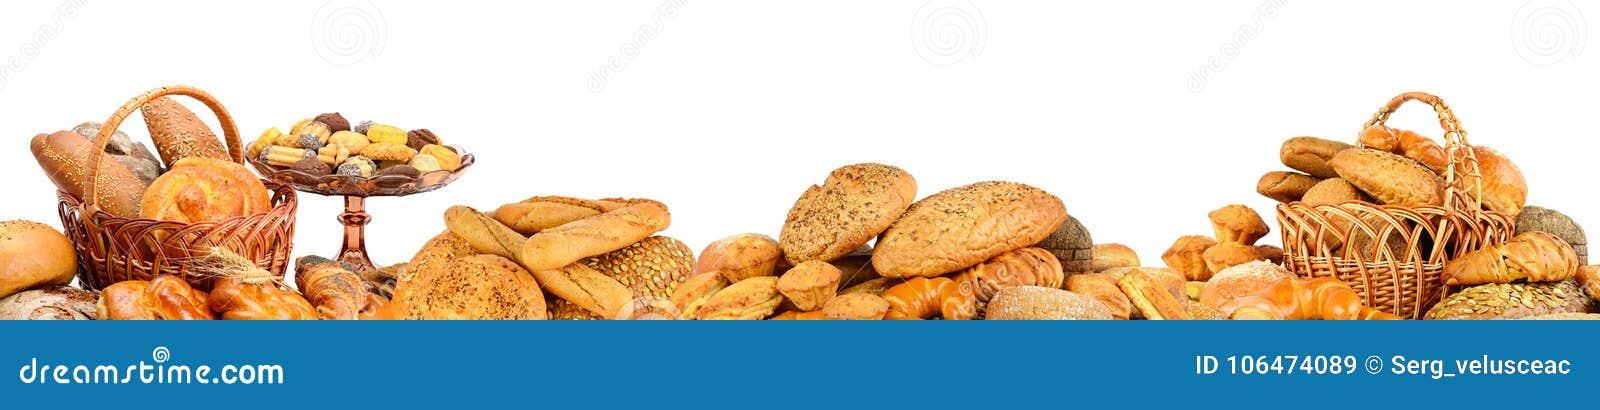 Πανόραμα των φρέσκων προϊόντων ψωμιού που απομονώνεται στο λευκό